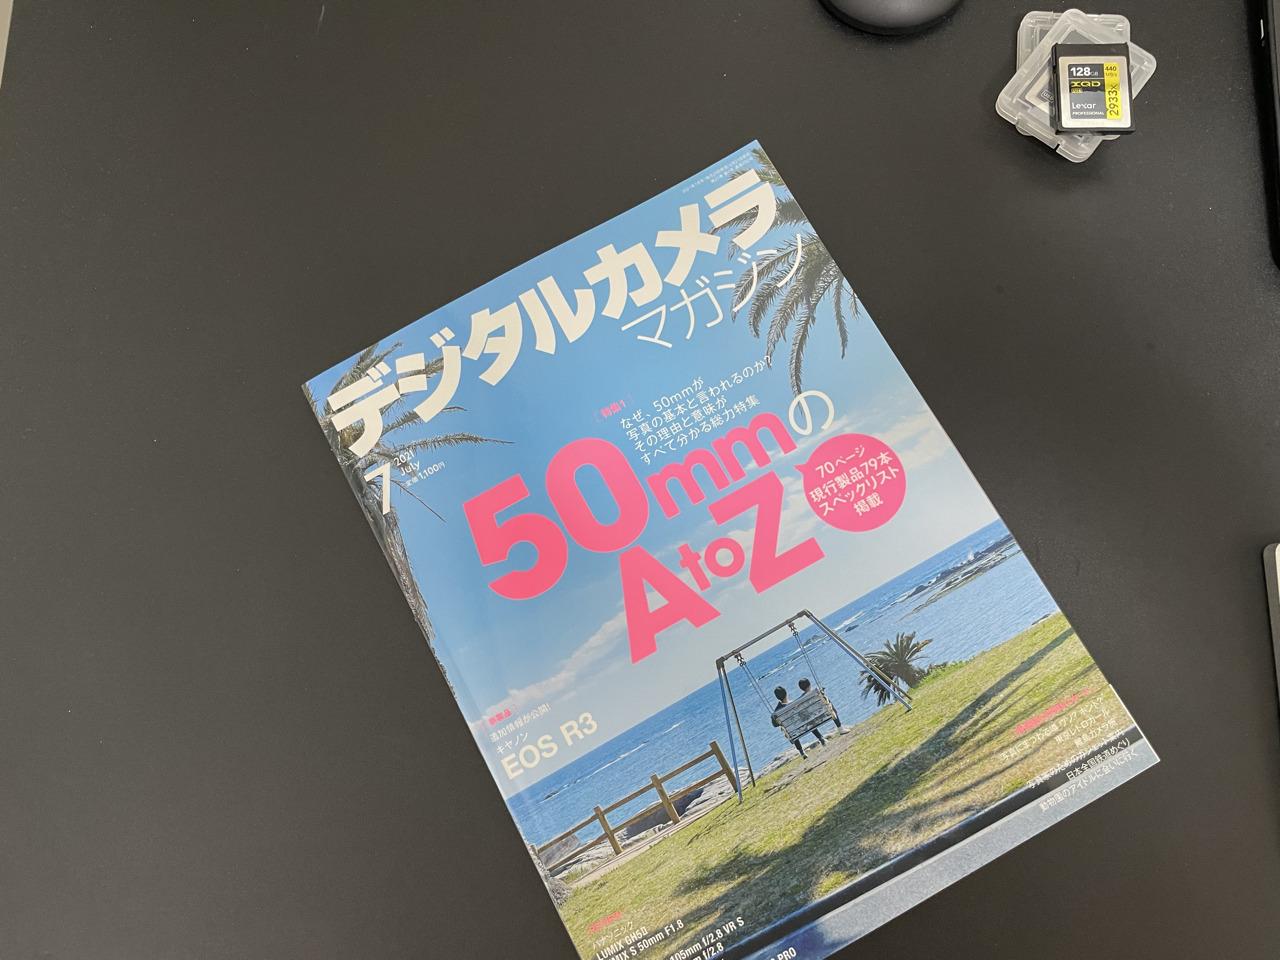 デジタルカメラマガジン7月号で「50mmのA to Z」「Z MC 105mm」の記事を書かせていただきました!